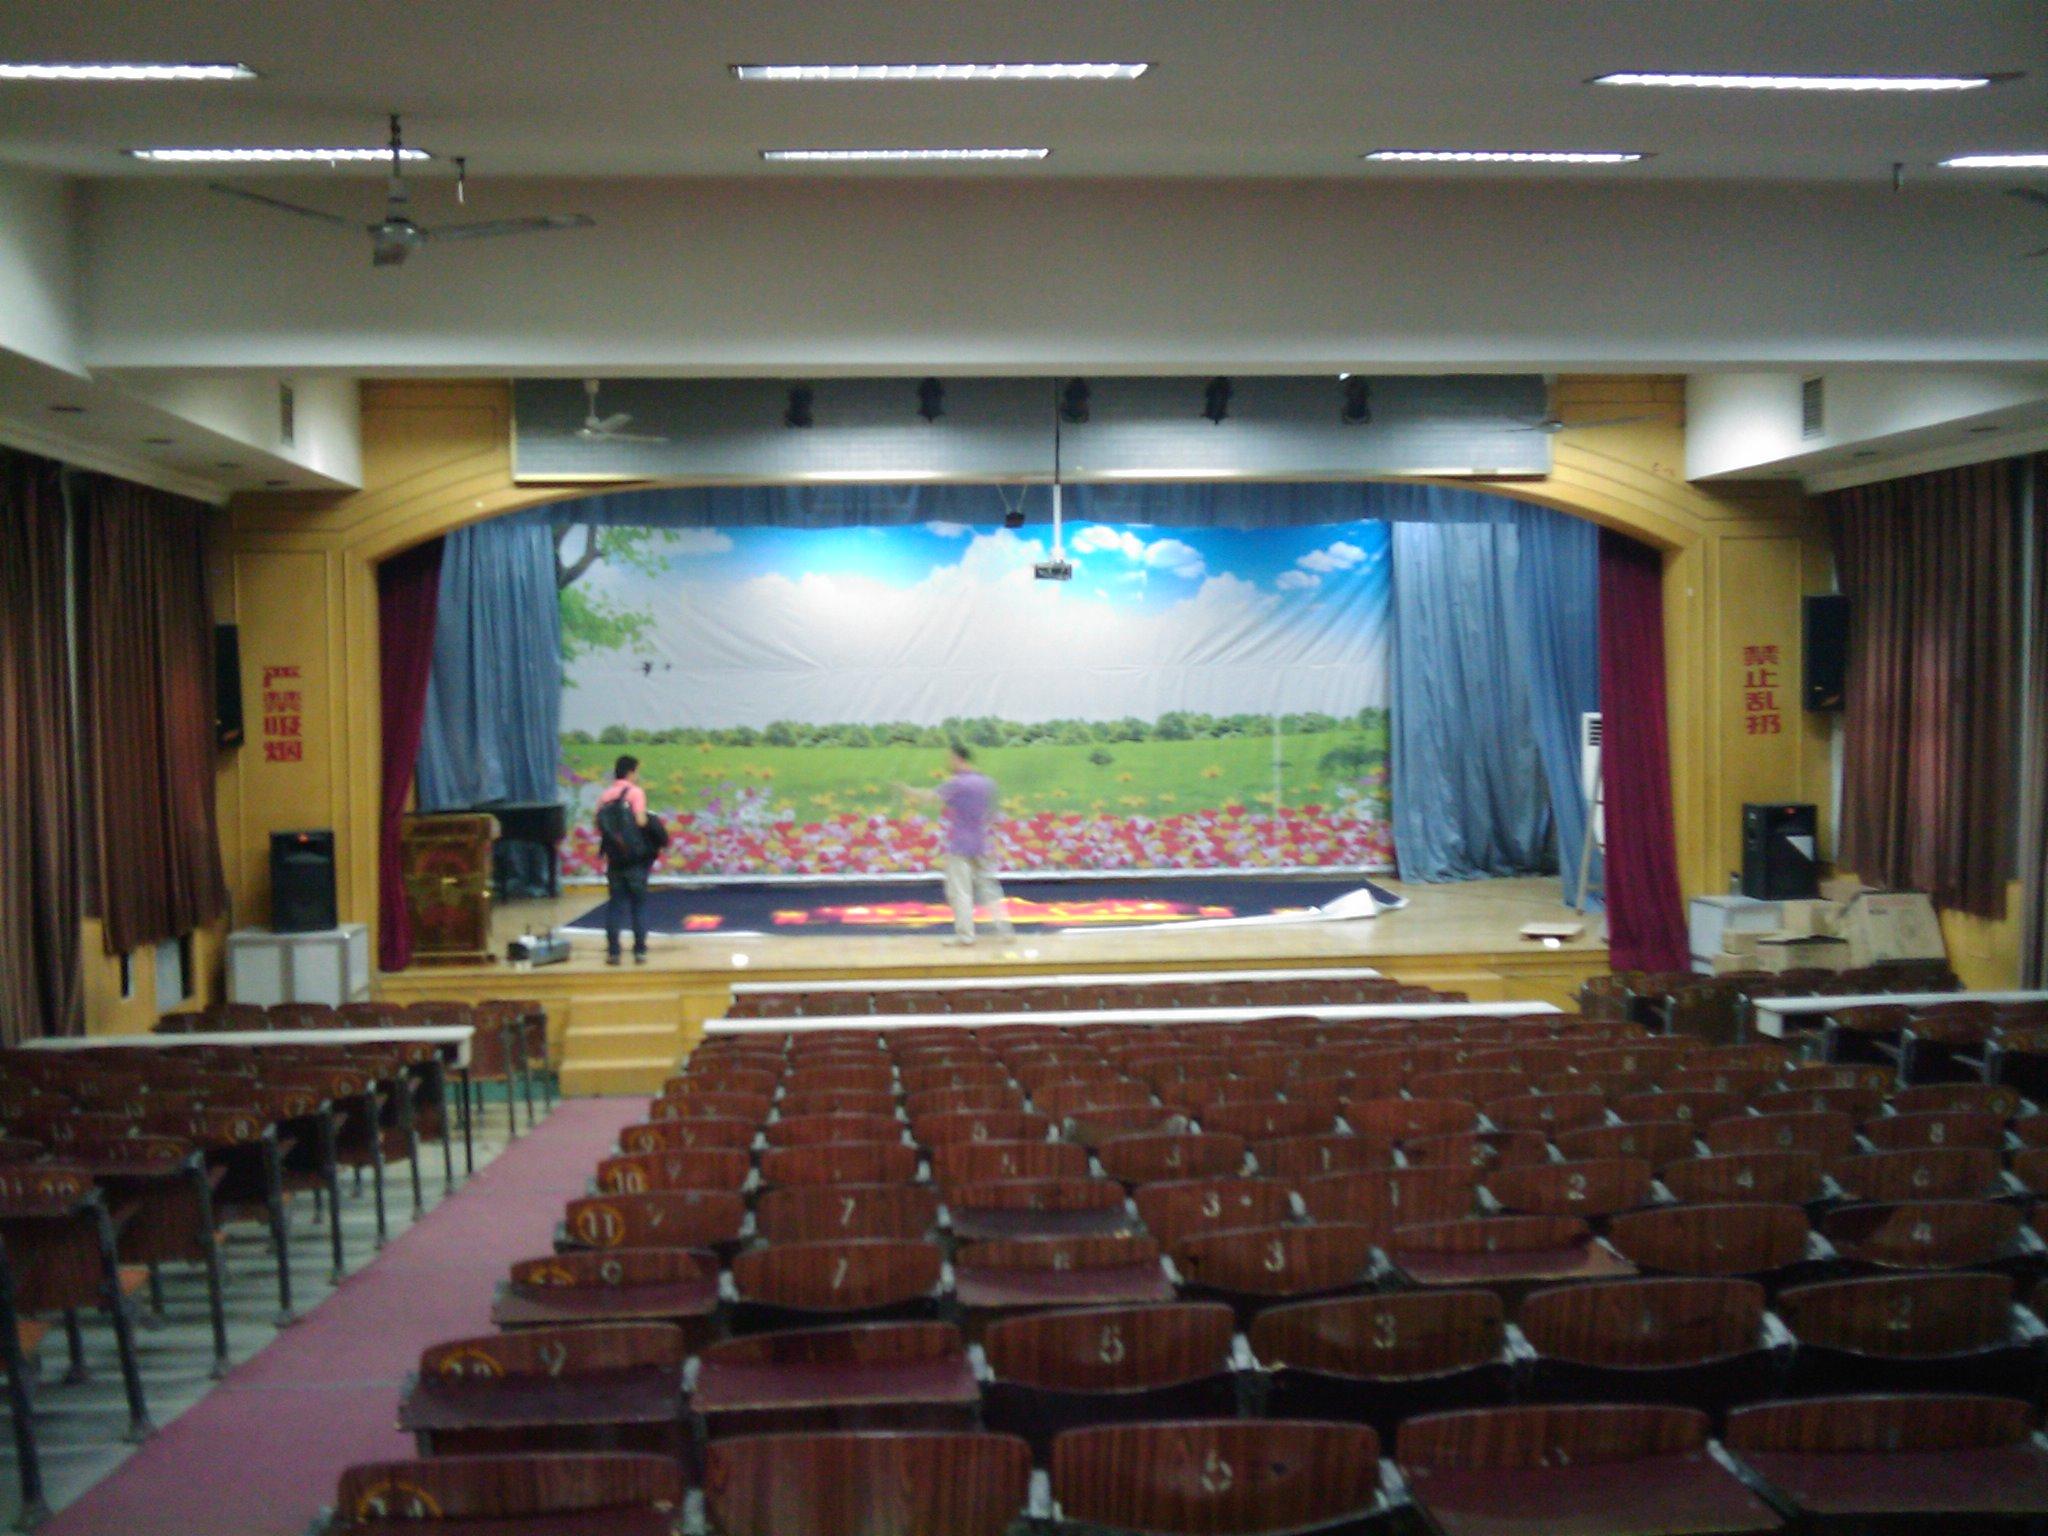 石家庄市第三中学礼堂cmp冠军国际灯光项目